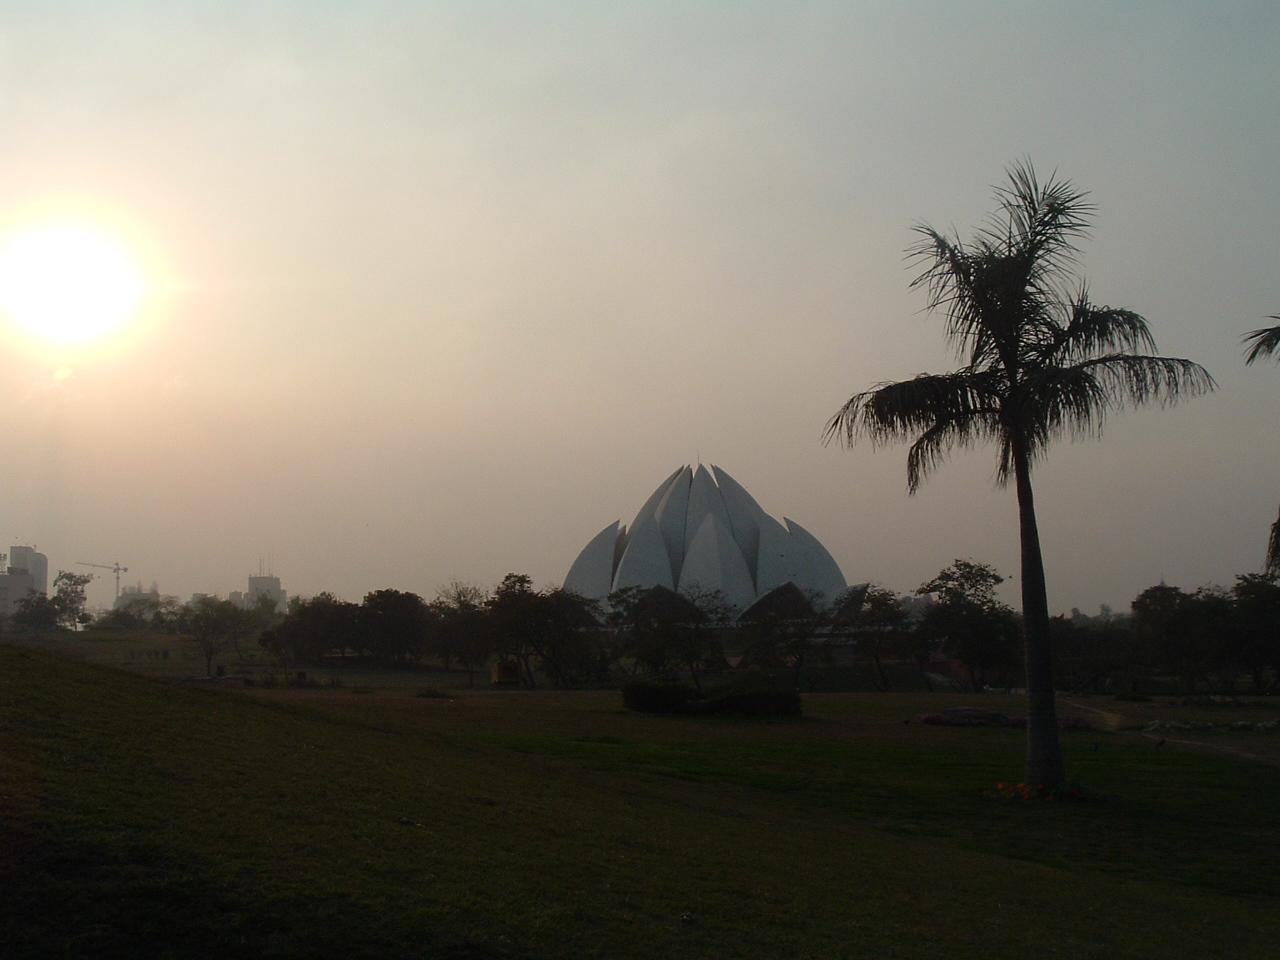 Lotus Temple - Oase für ein wenig Ruhe